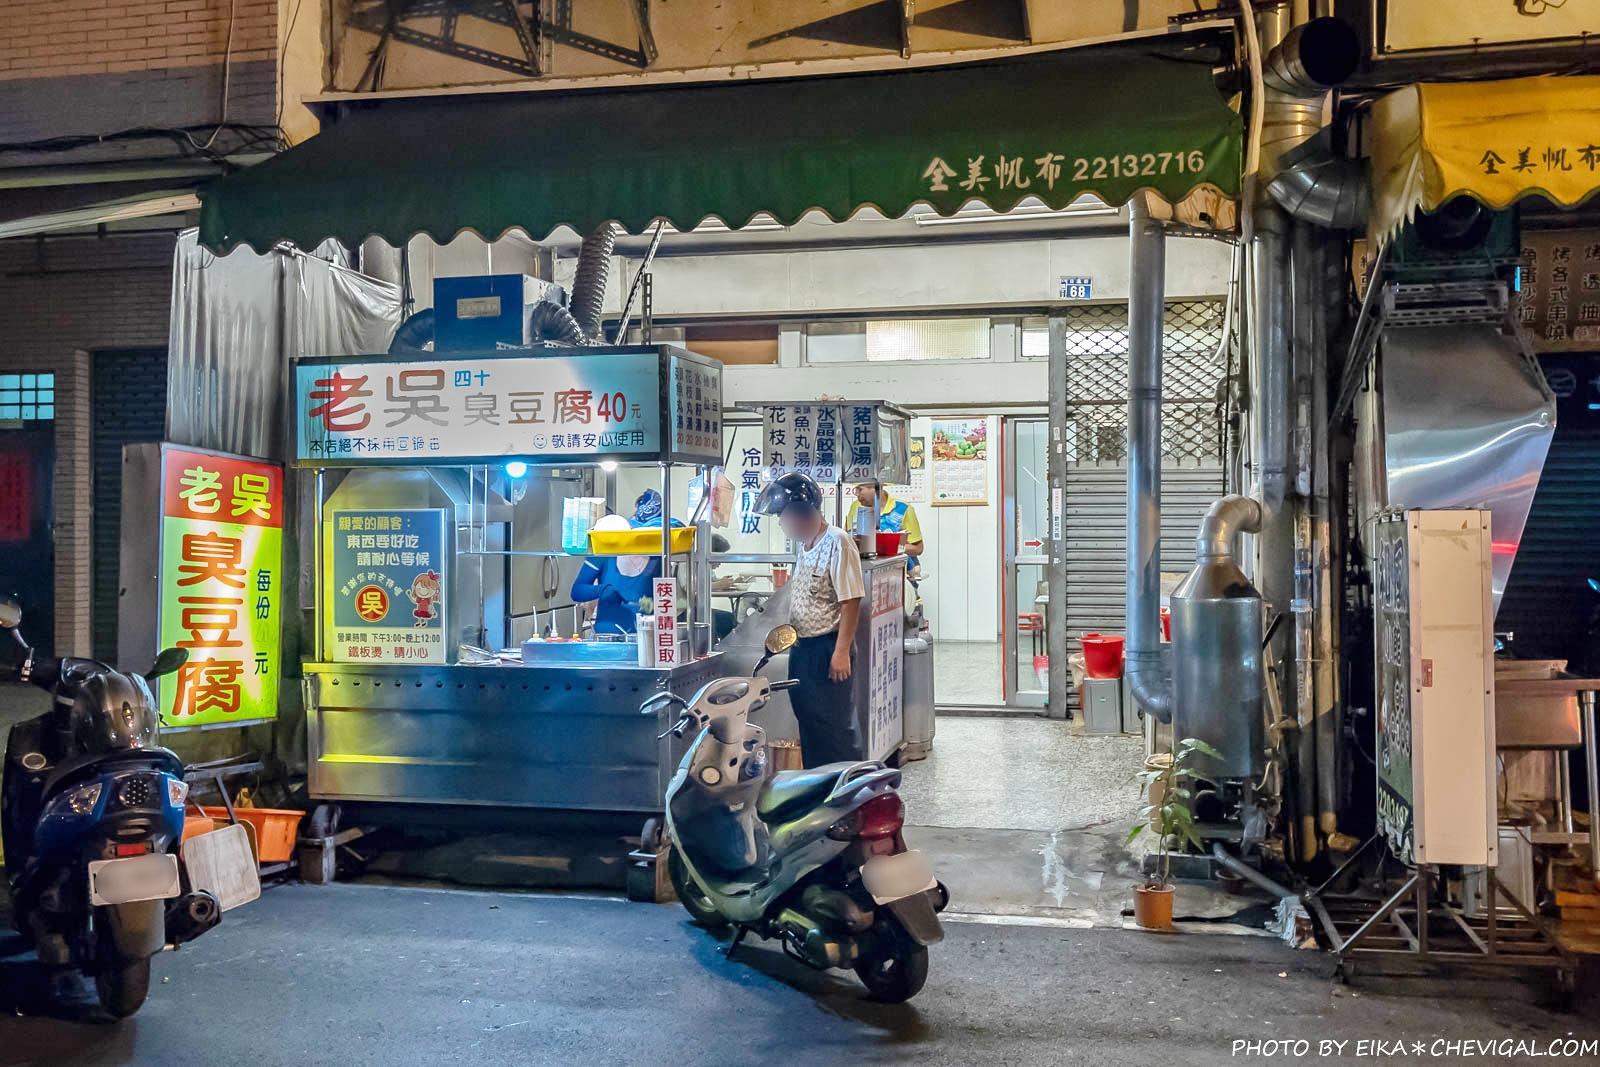 老吳臭豆腐,小黃瓜與泡菜多到直接滿出來!隱身巷內超過40年的老店好味道 - 柚香魚子醬的蹦蹦跳跳